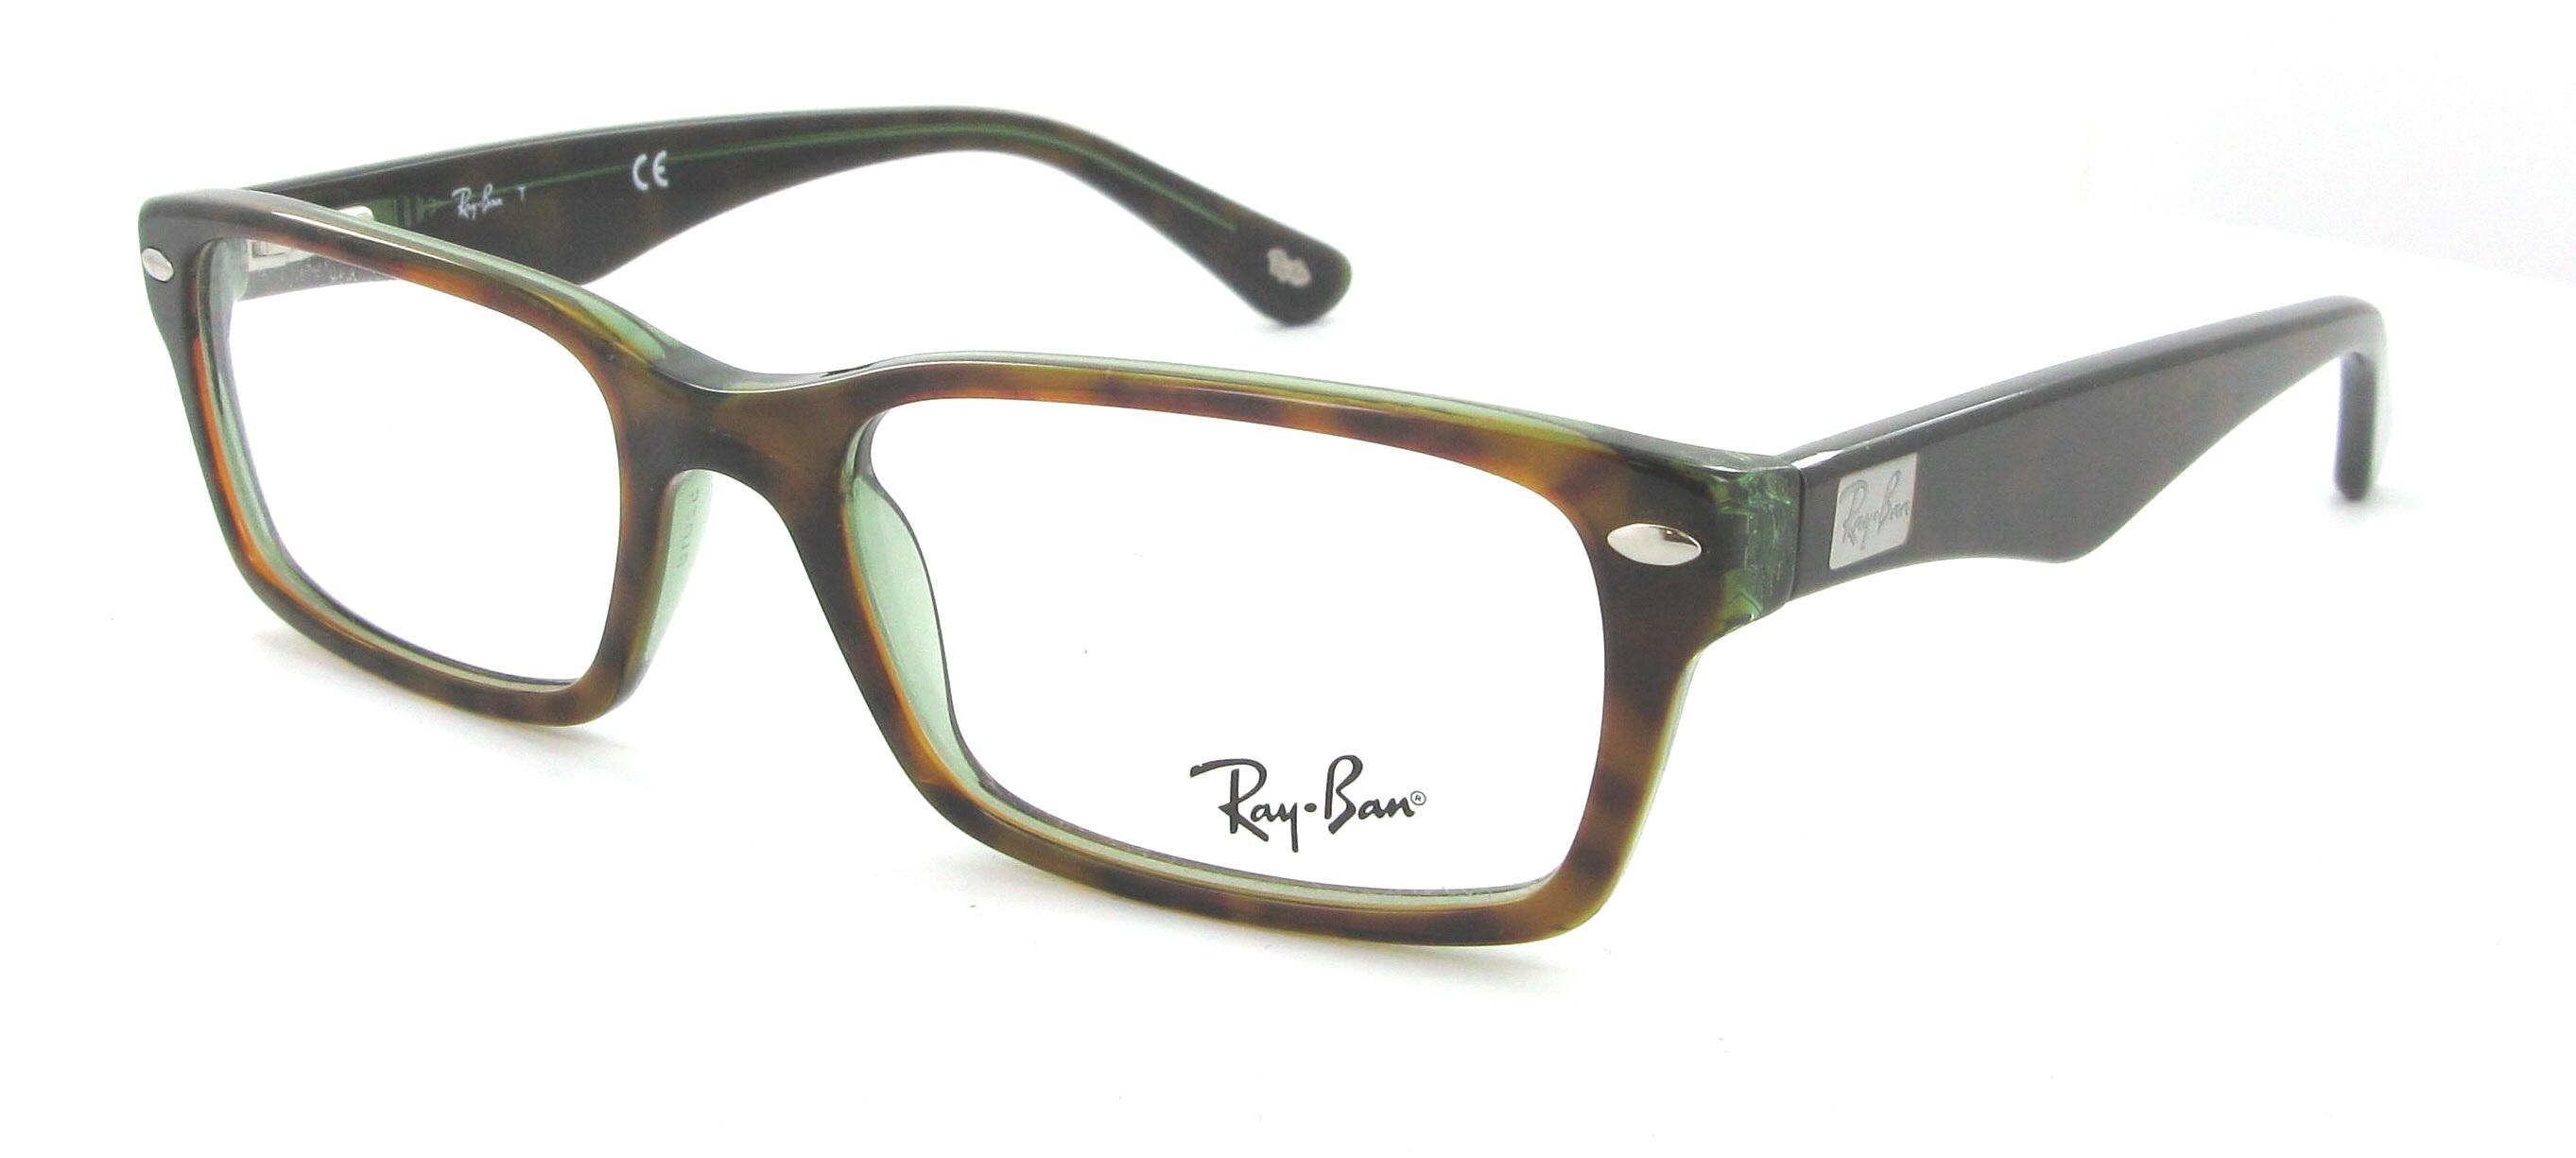 Ray Ban Rx Y52b